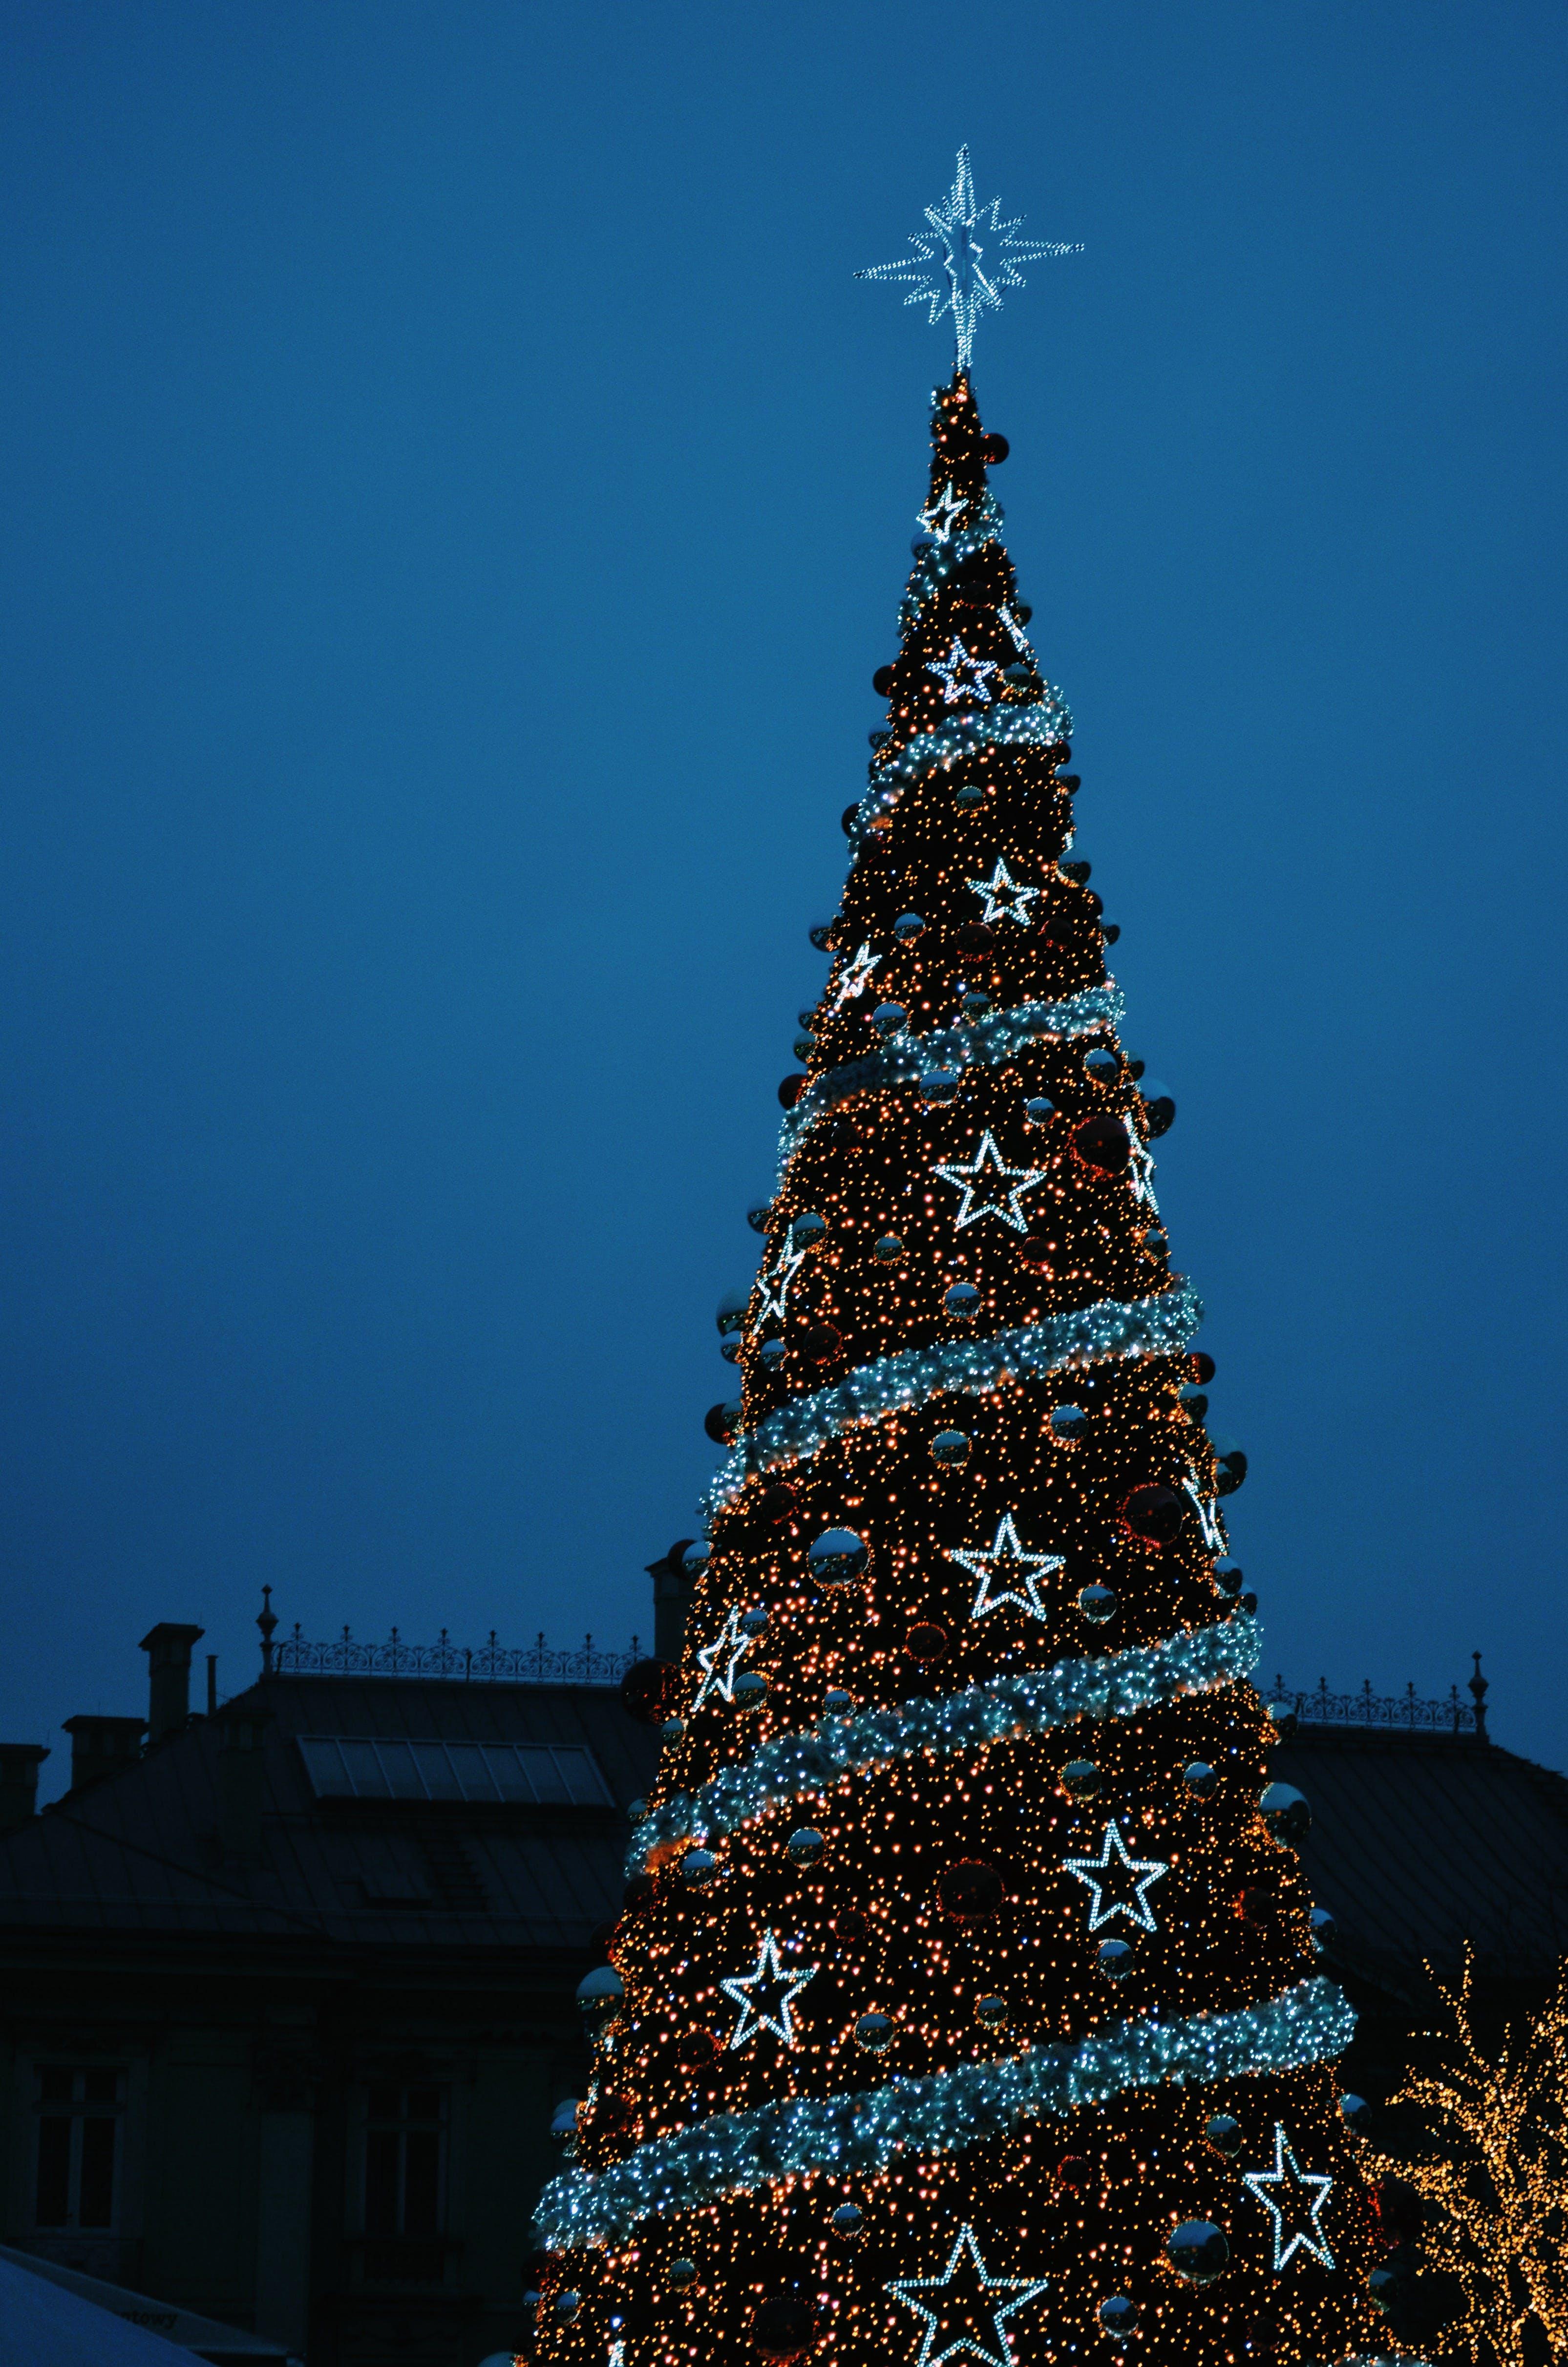 Δωρεάν στοκ φωτογραφιών με δέντρο, νέο έτος, νέο έτος δέντρο, Πολωνία